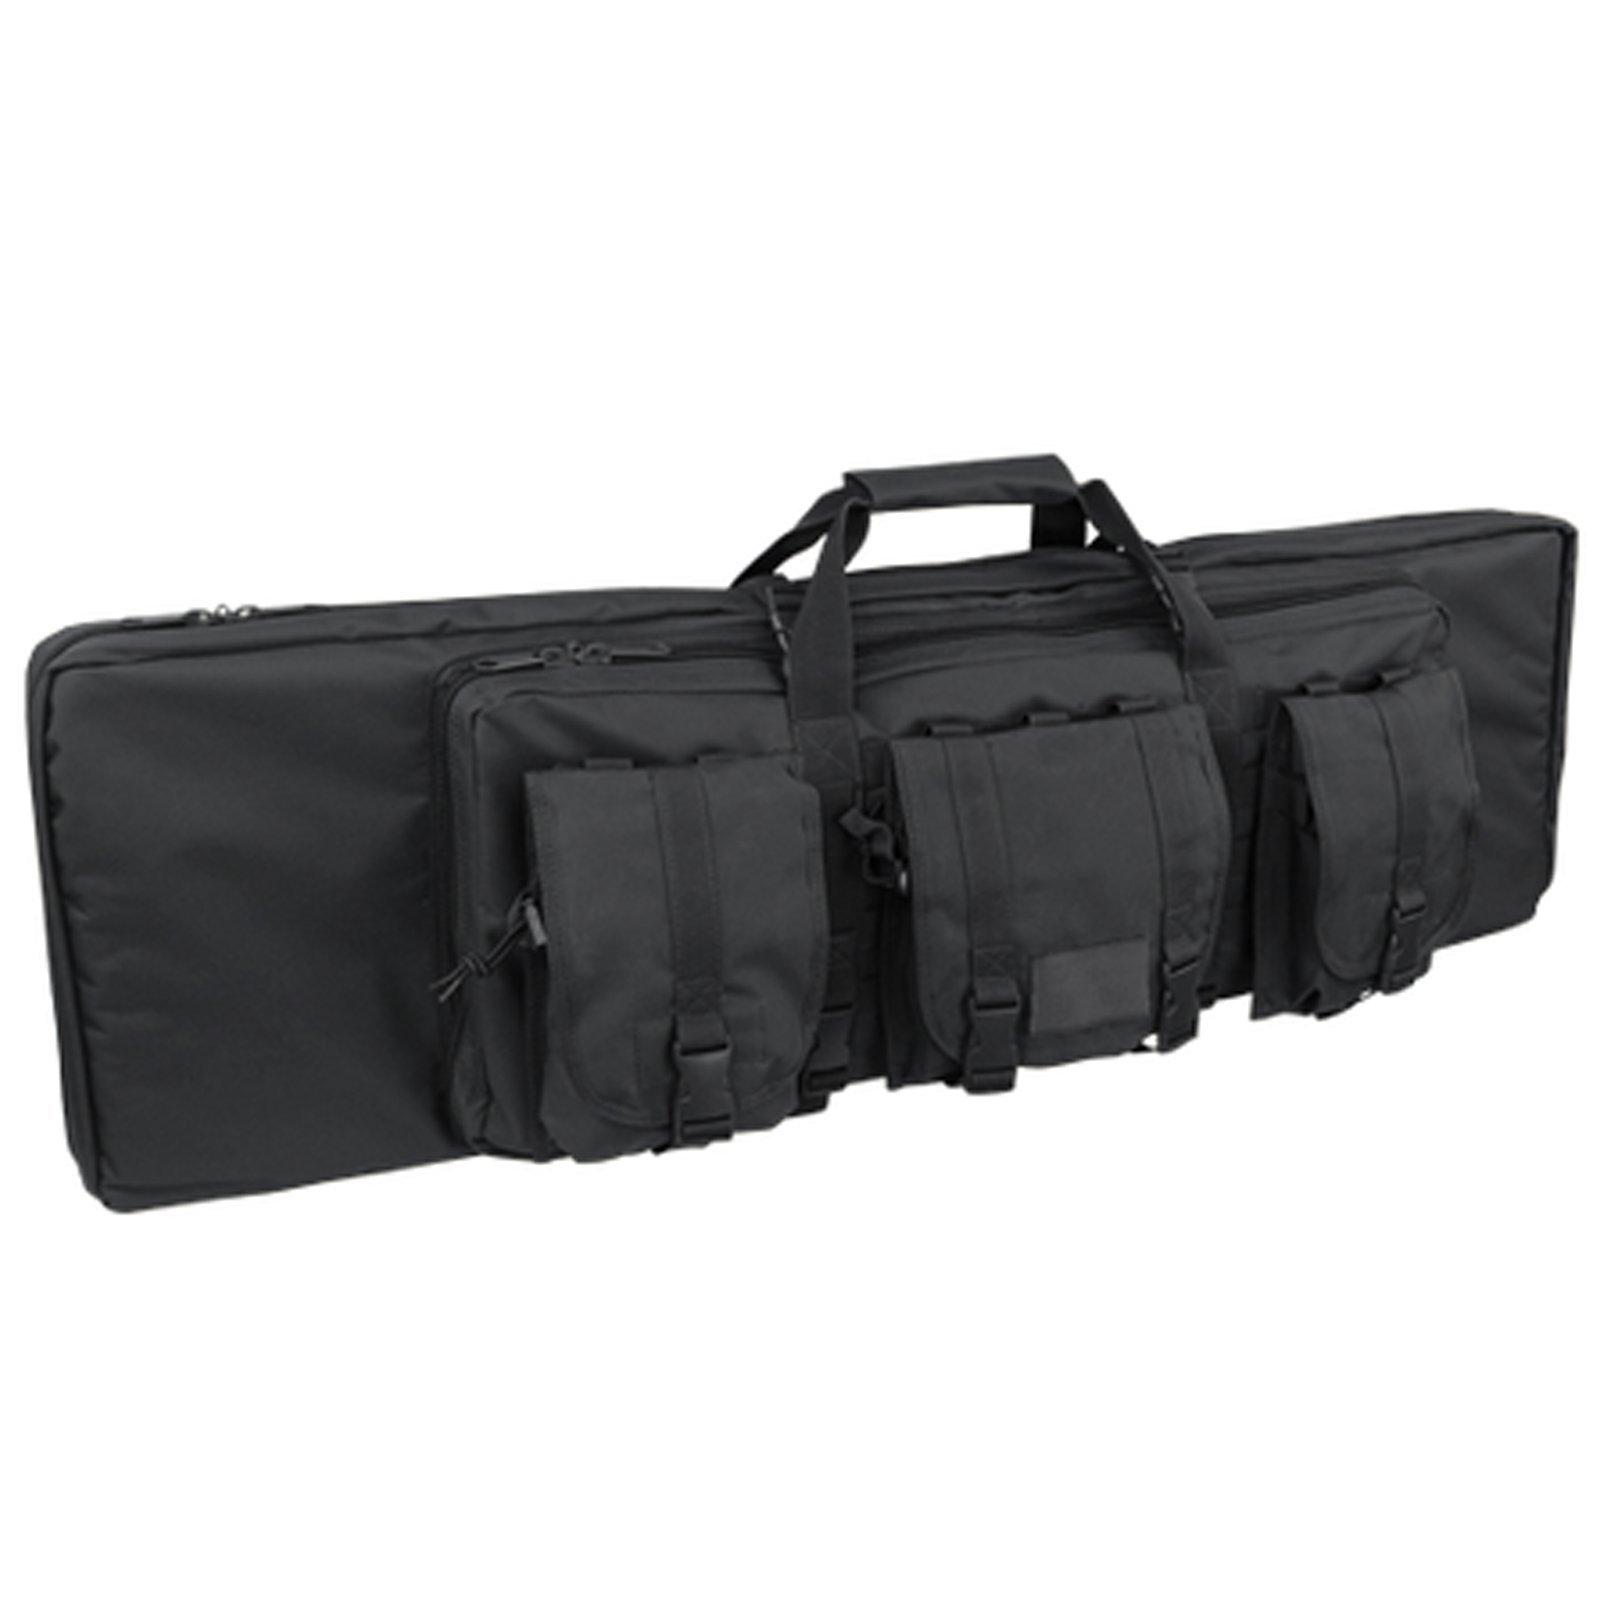 Condor 159 46'' Double Rifle Case - Black